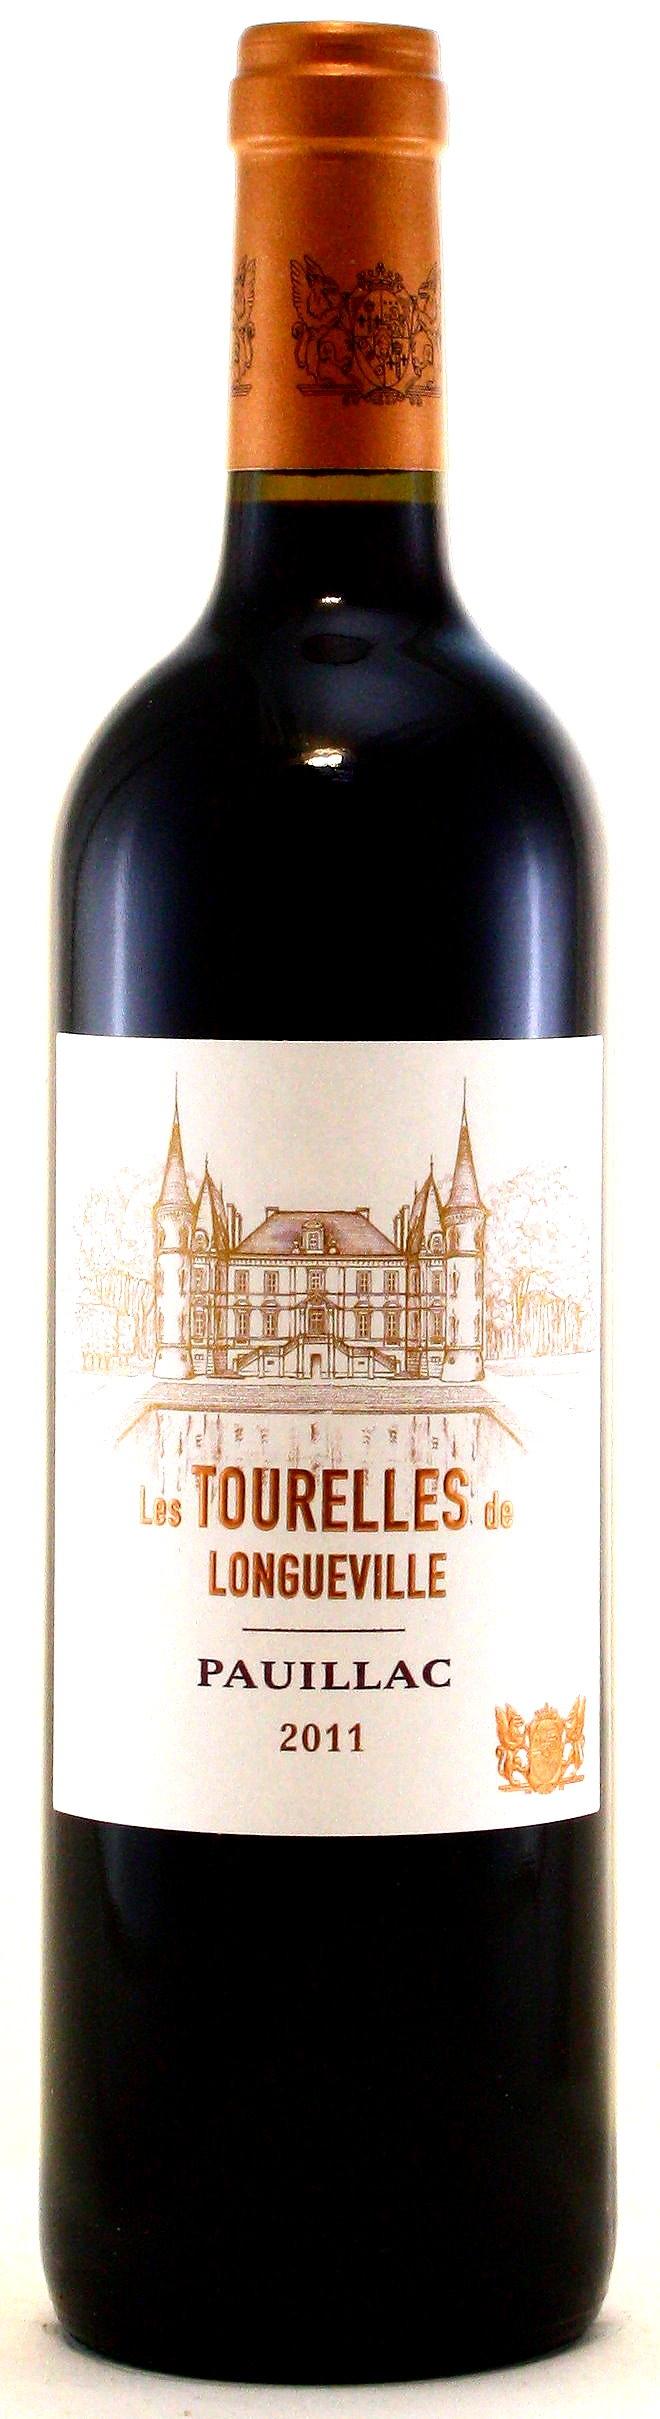 2011 Les Tourelles de Longueville, Zweitwein von Château Pichon-Longueville Baron, Pauillac, Médoc Bordeaux